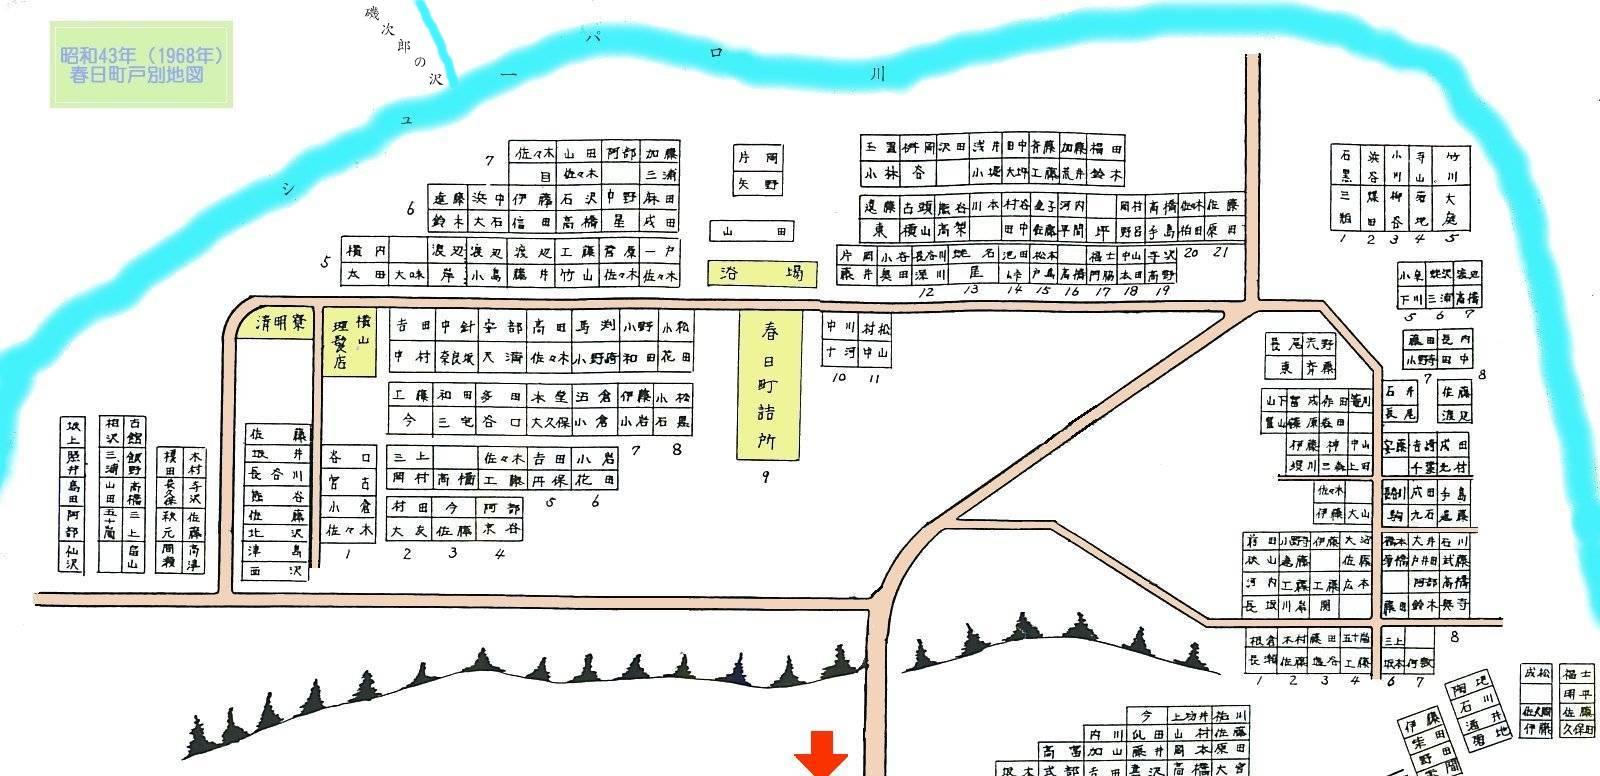 昭和43年春日町住宅地図